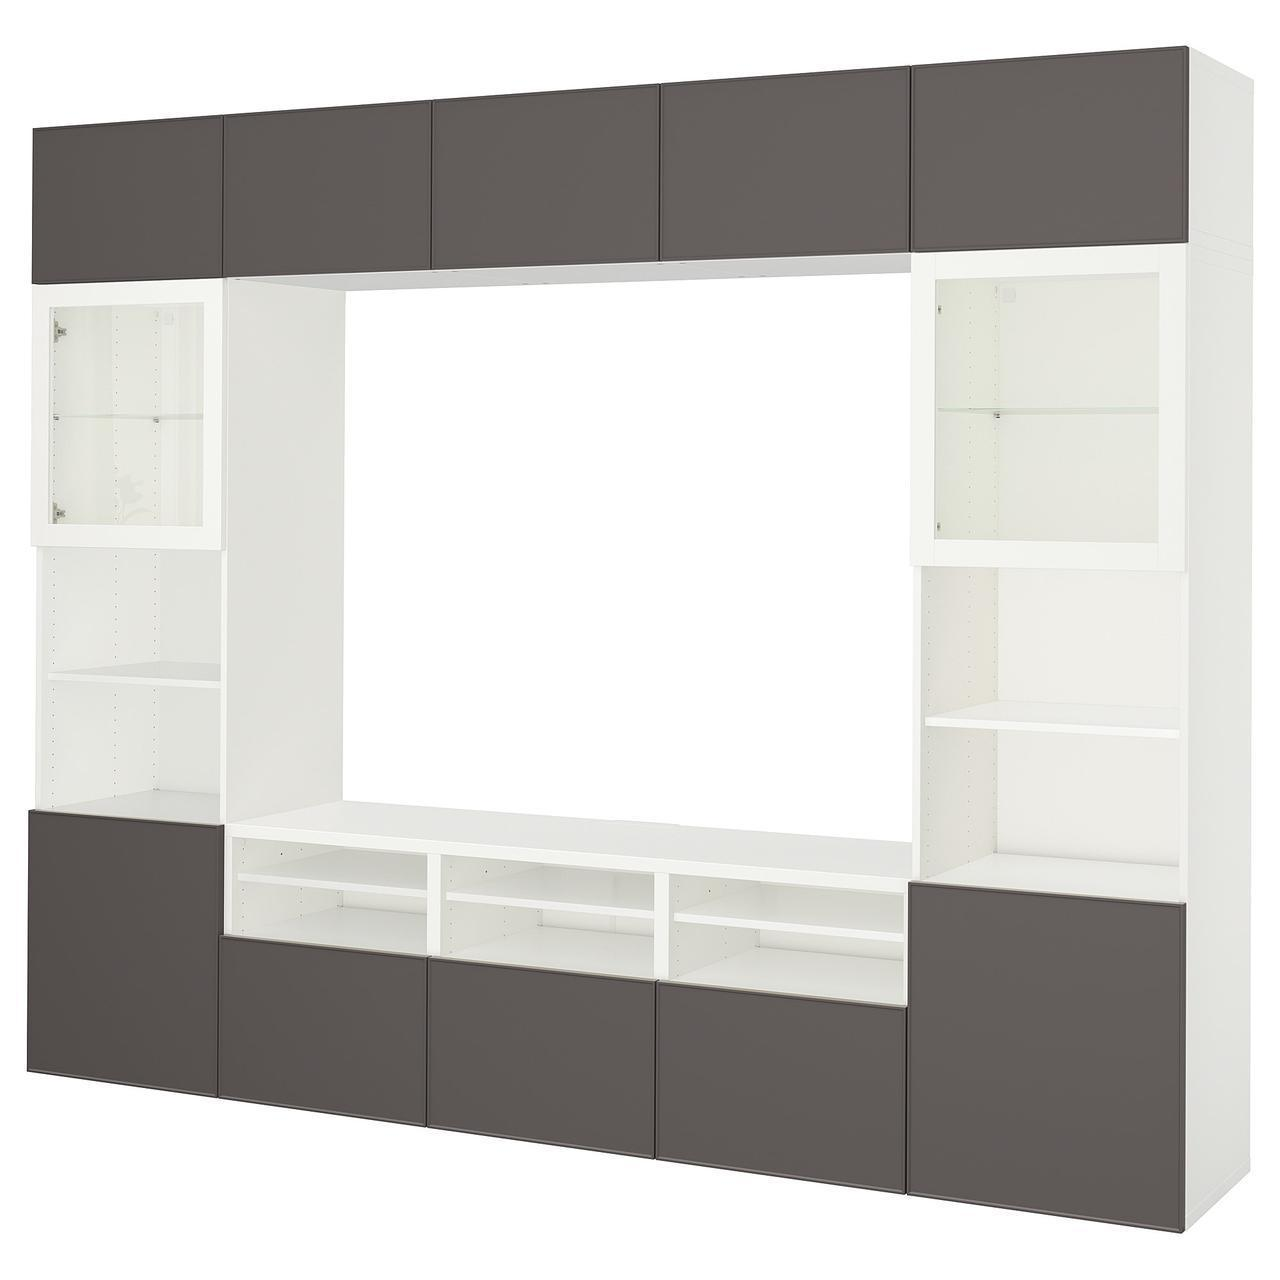 IKEA BESTA Тумба под телевизор с стеклянными дверьми, белый Грундсвикен, (392.034.93)